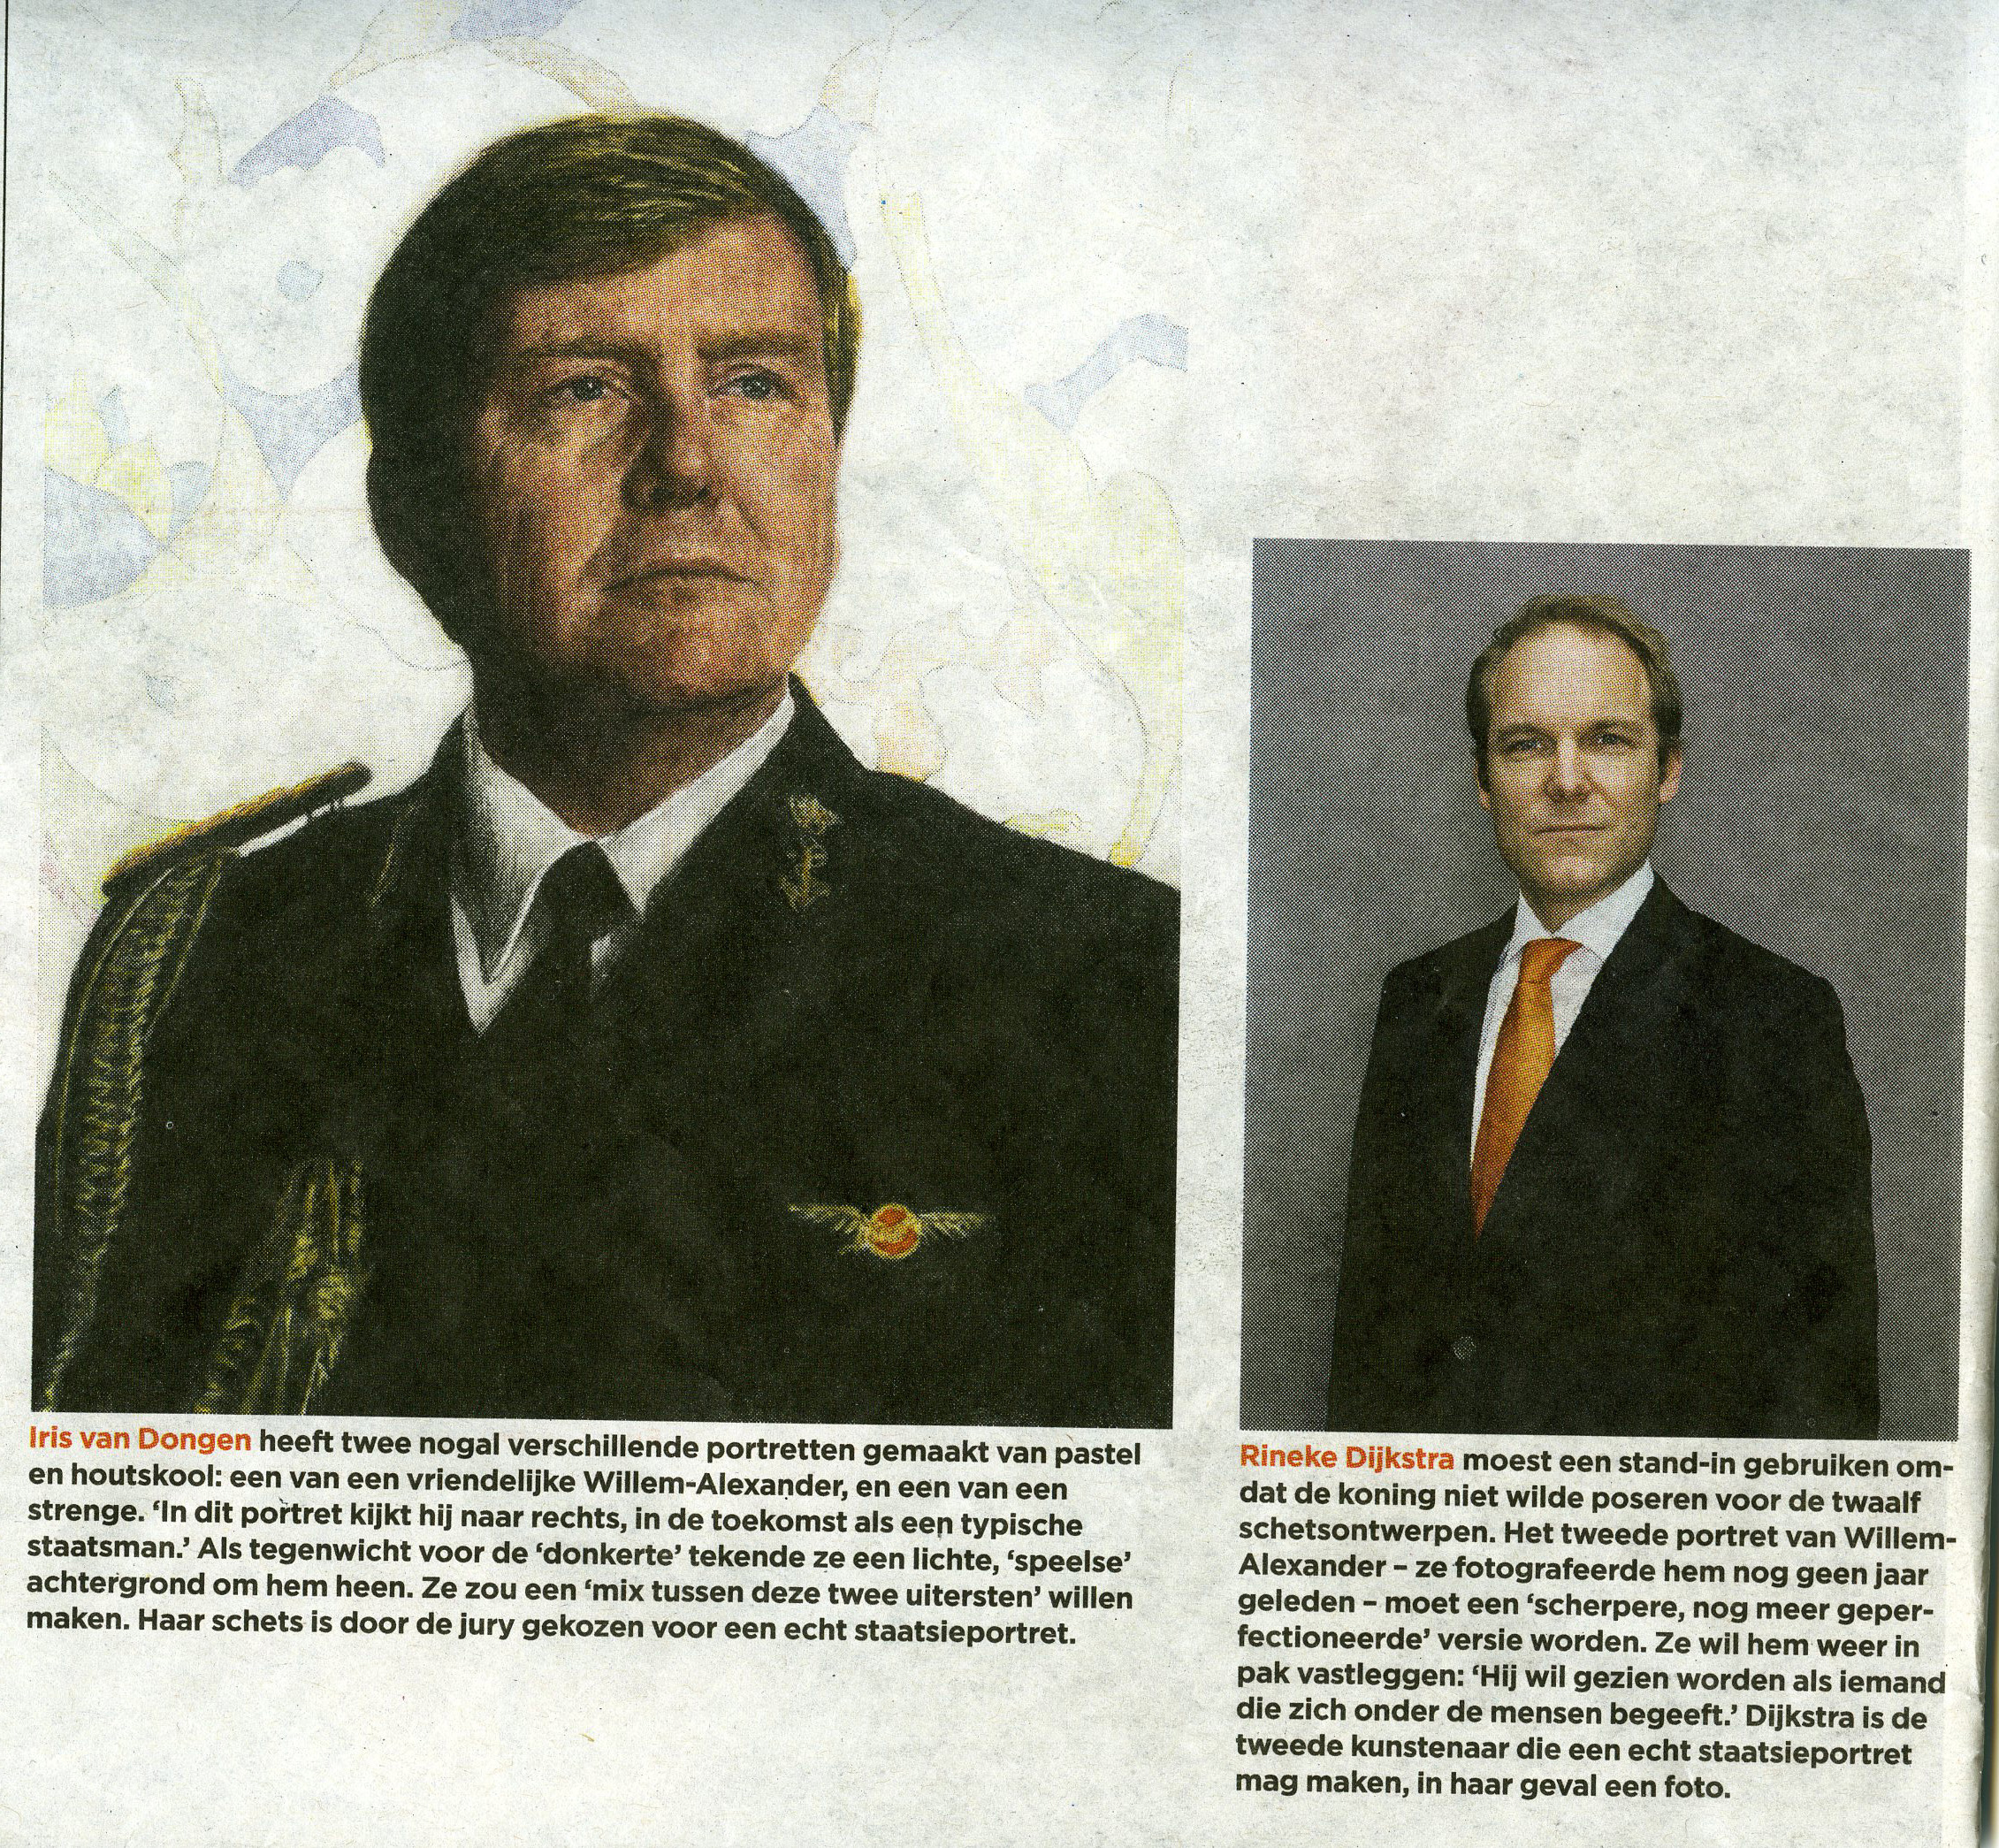 photoq-van-zoetendaal-krantenknipsel-volkskrant-staatsieportretten